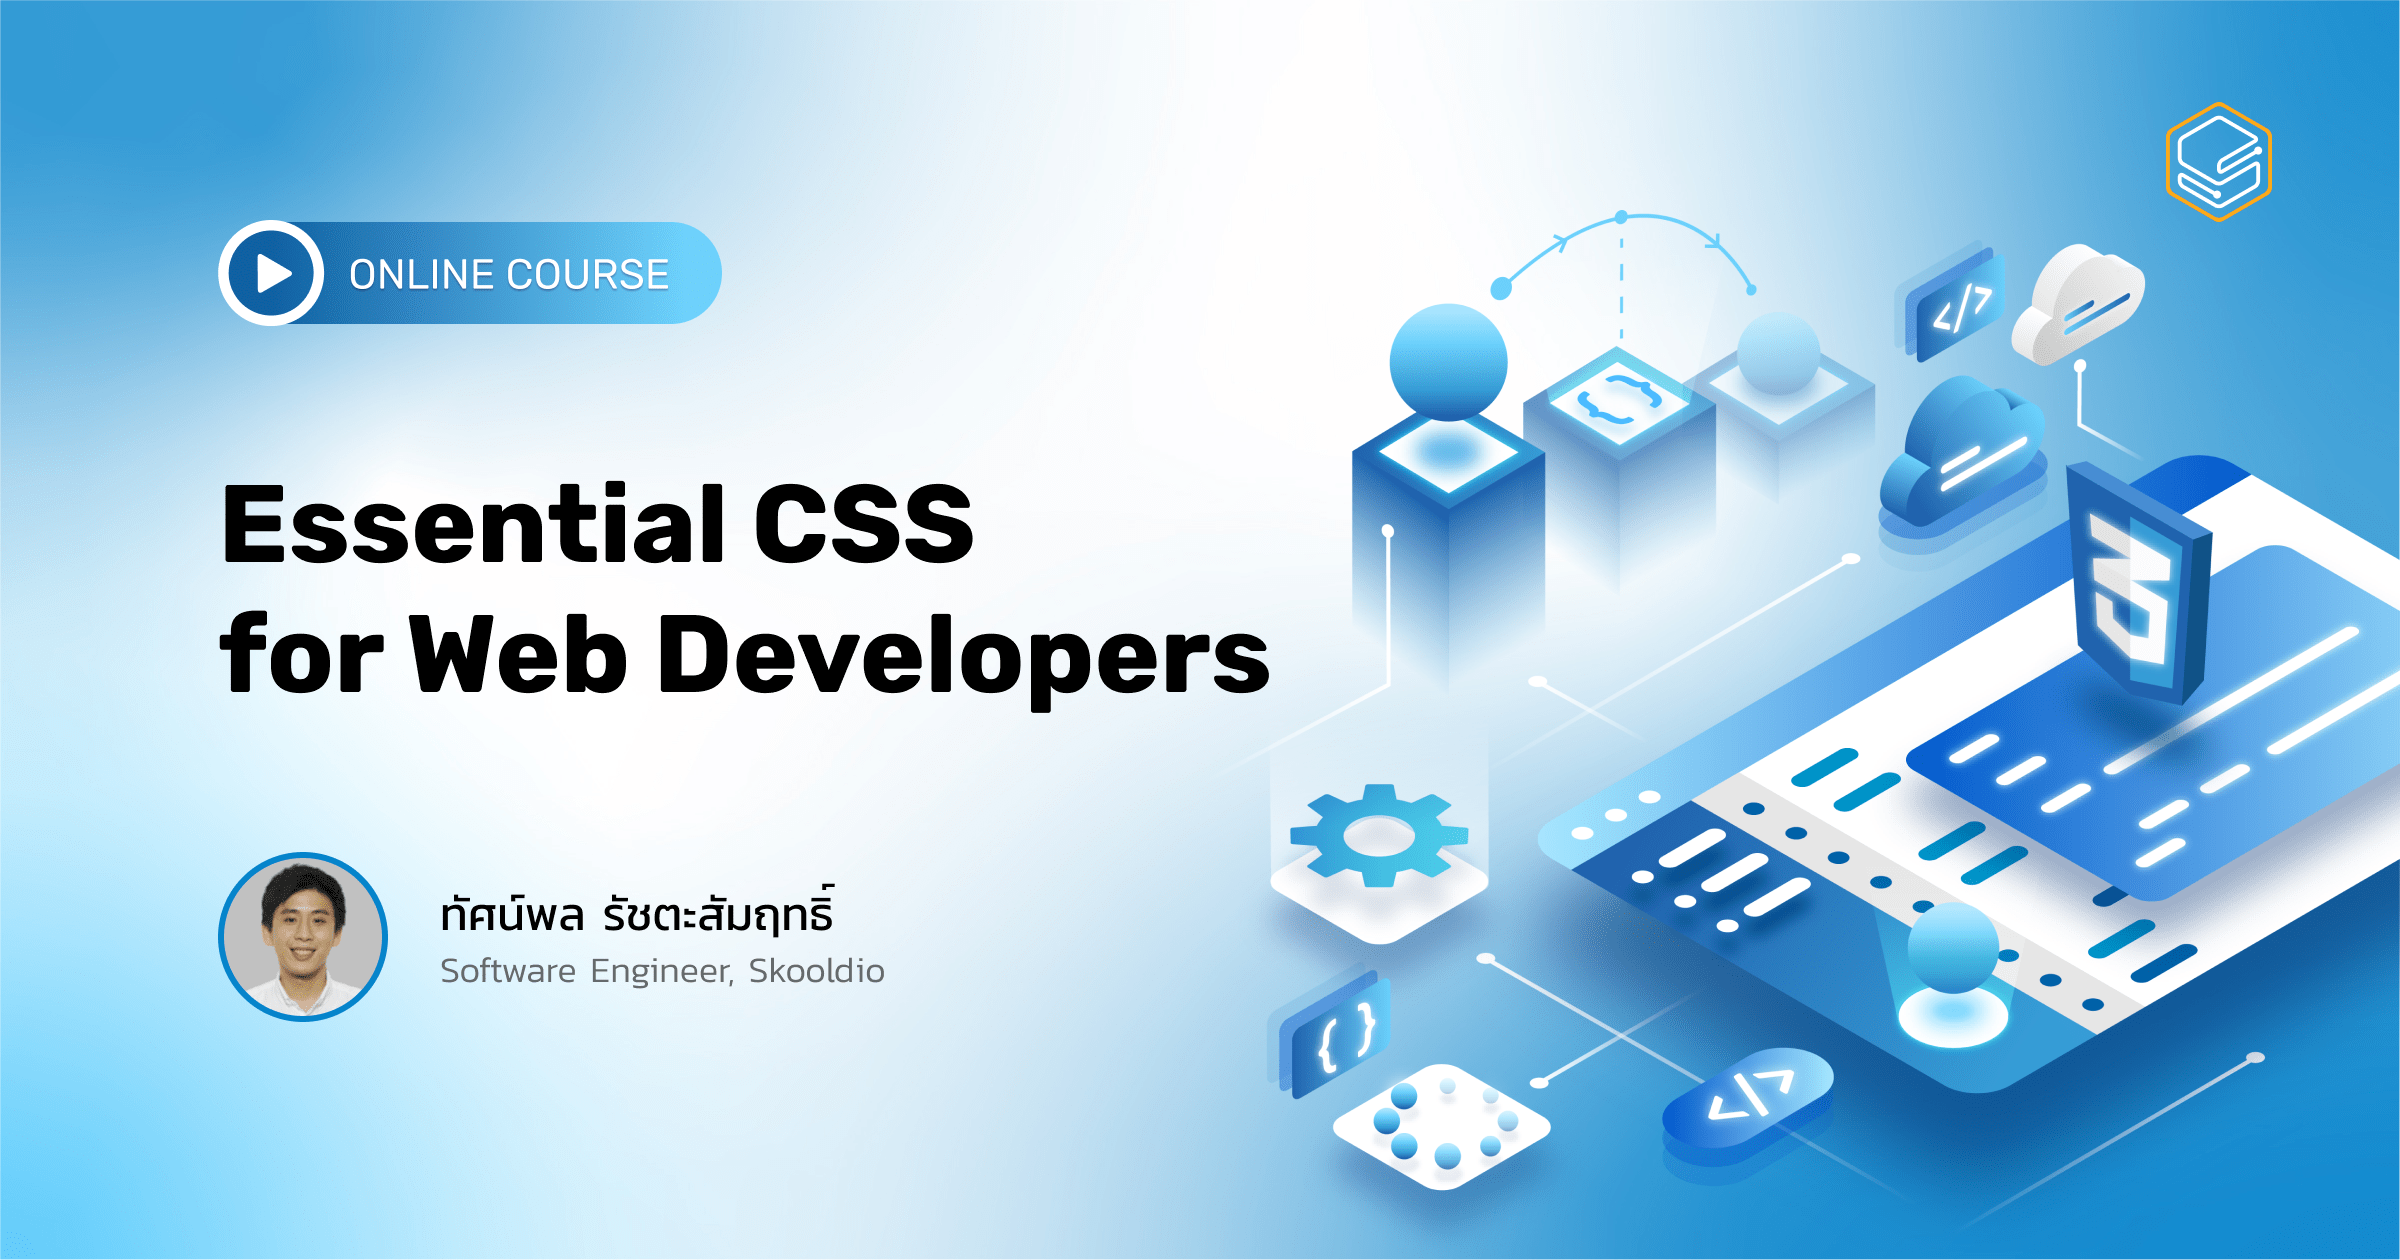 ปรับแต่งและเพิ่มลูกเล่นให้เว็บไซต์ด้วย CSS   Skooldio Online Course: Essential CSS for Web Developers